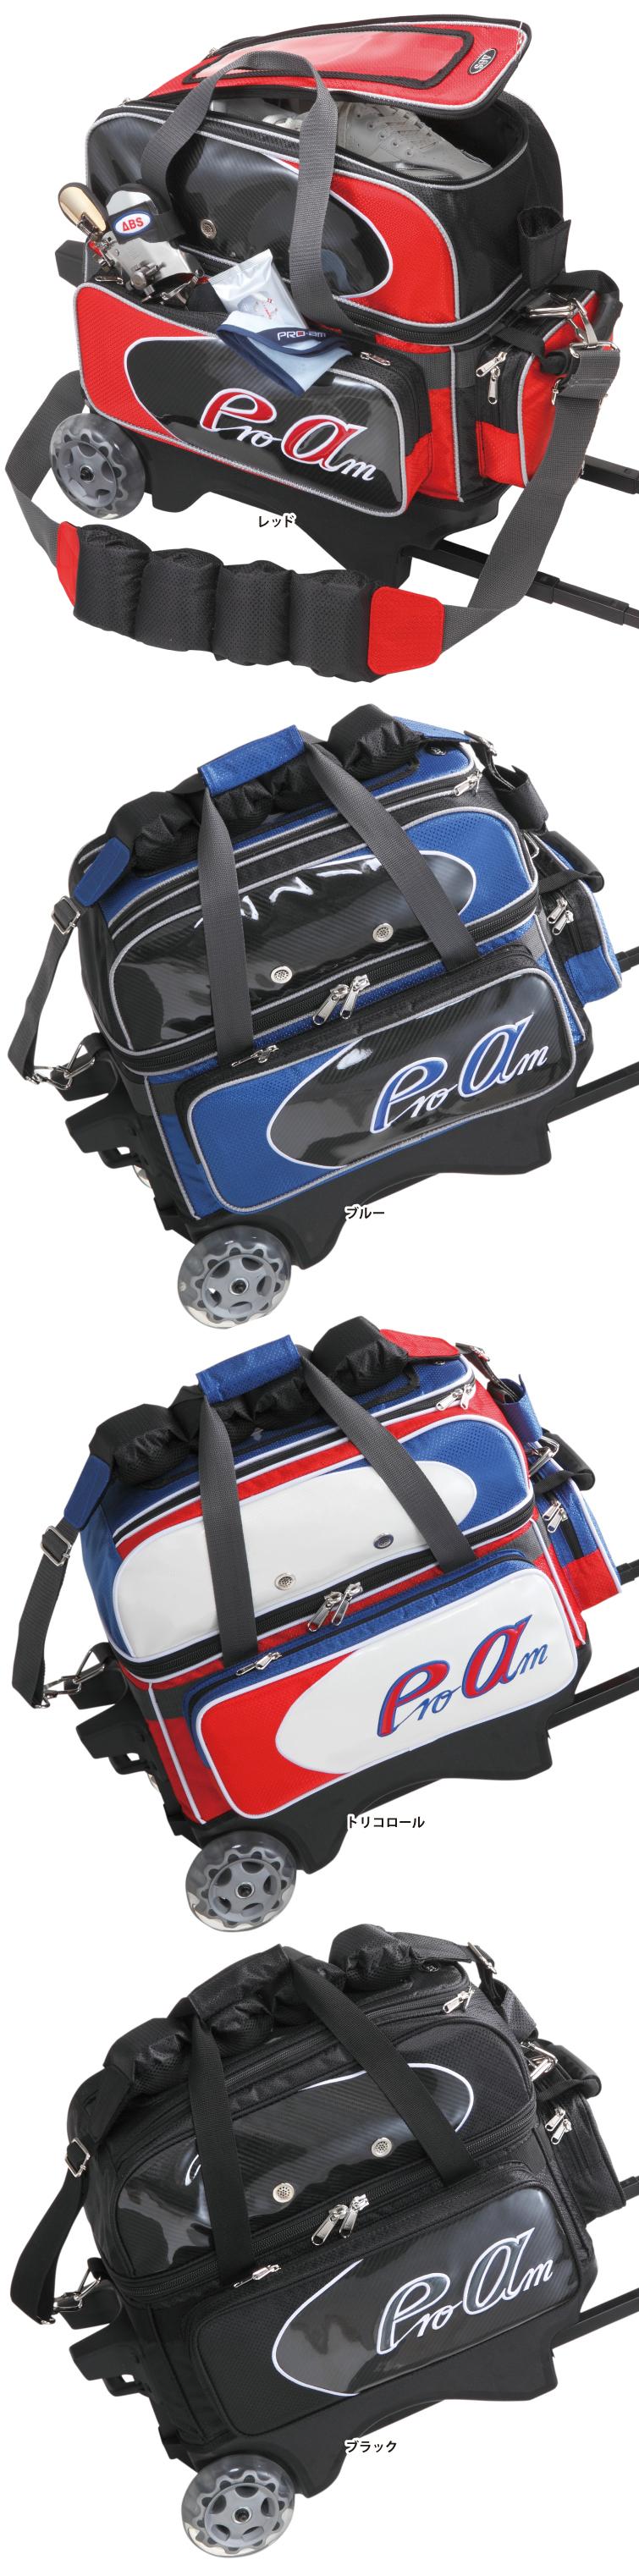 ボウリングバッグ ABS B19-1700 ボール2個用カートバッグ